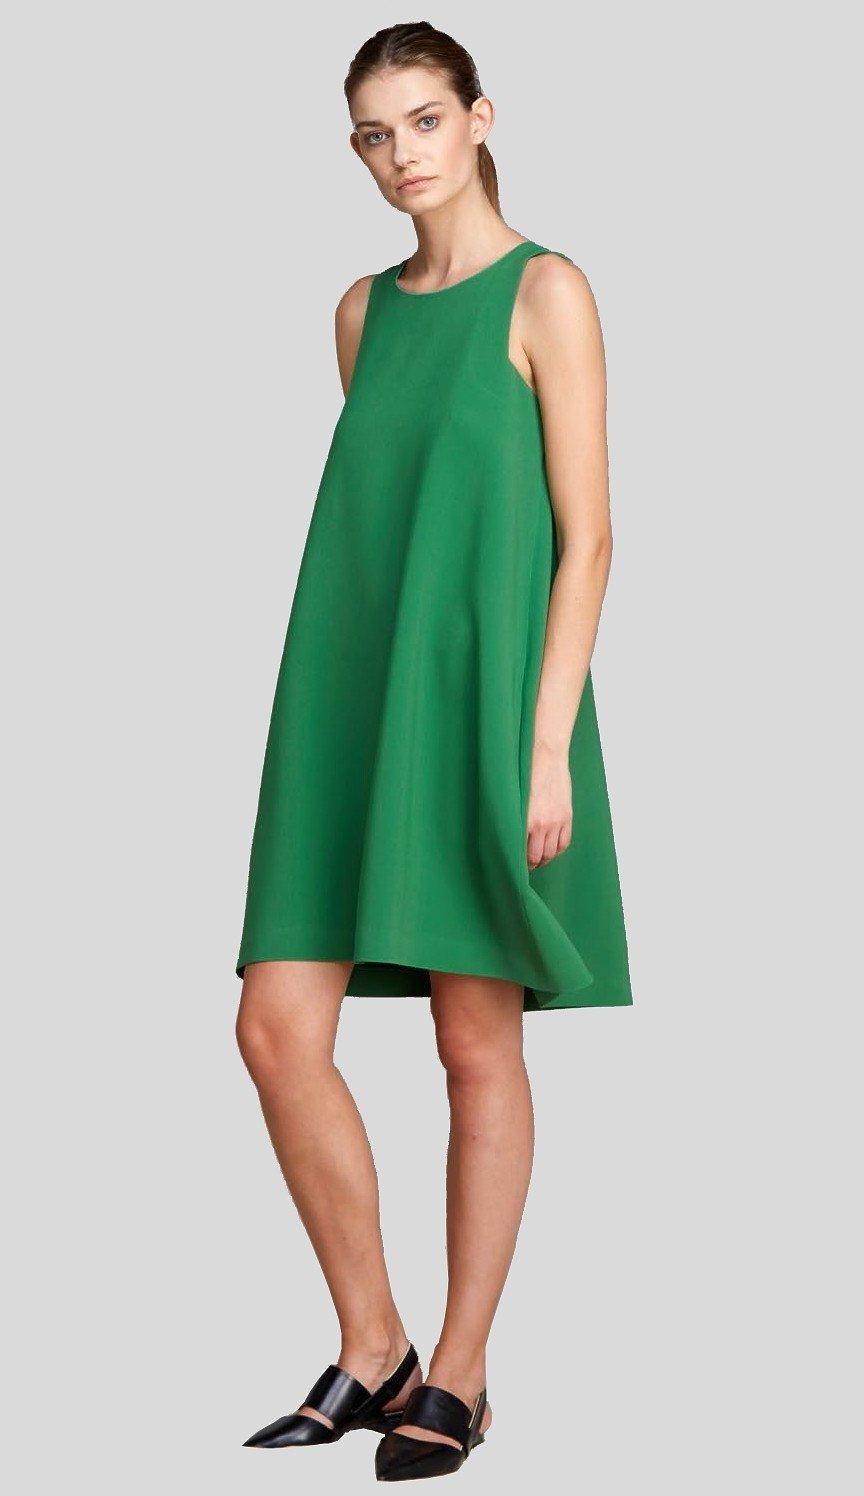 зеленое офисное платье А-силуэта 2018 модное